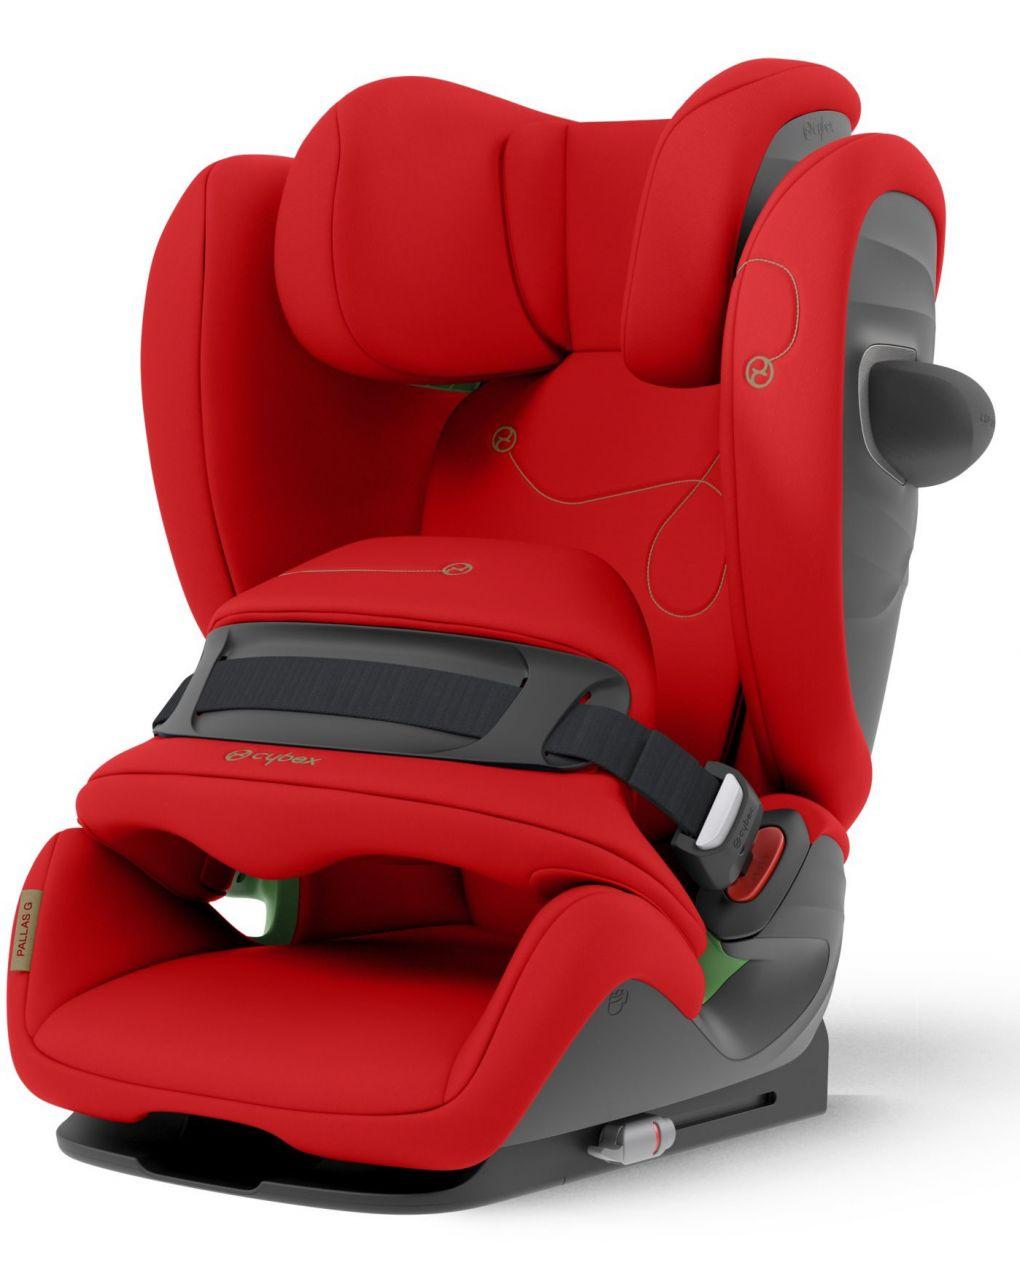 Cybex Κάθισμα Αυτοκινήτου Pallas G I-Size - Κόκκινο